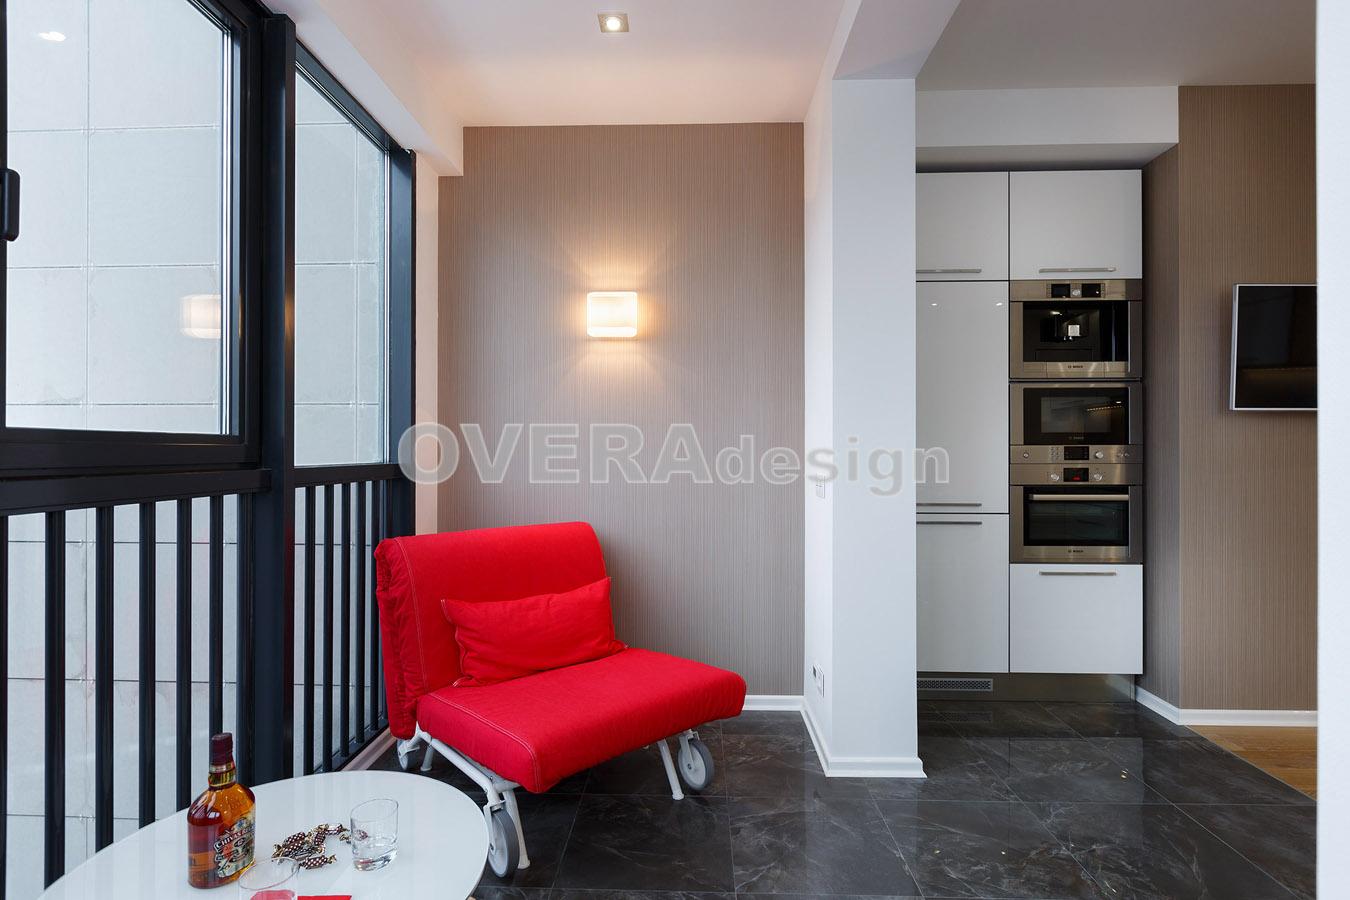 Реализованный проект интерьера 1комн квартиры в современном .